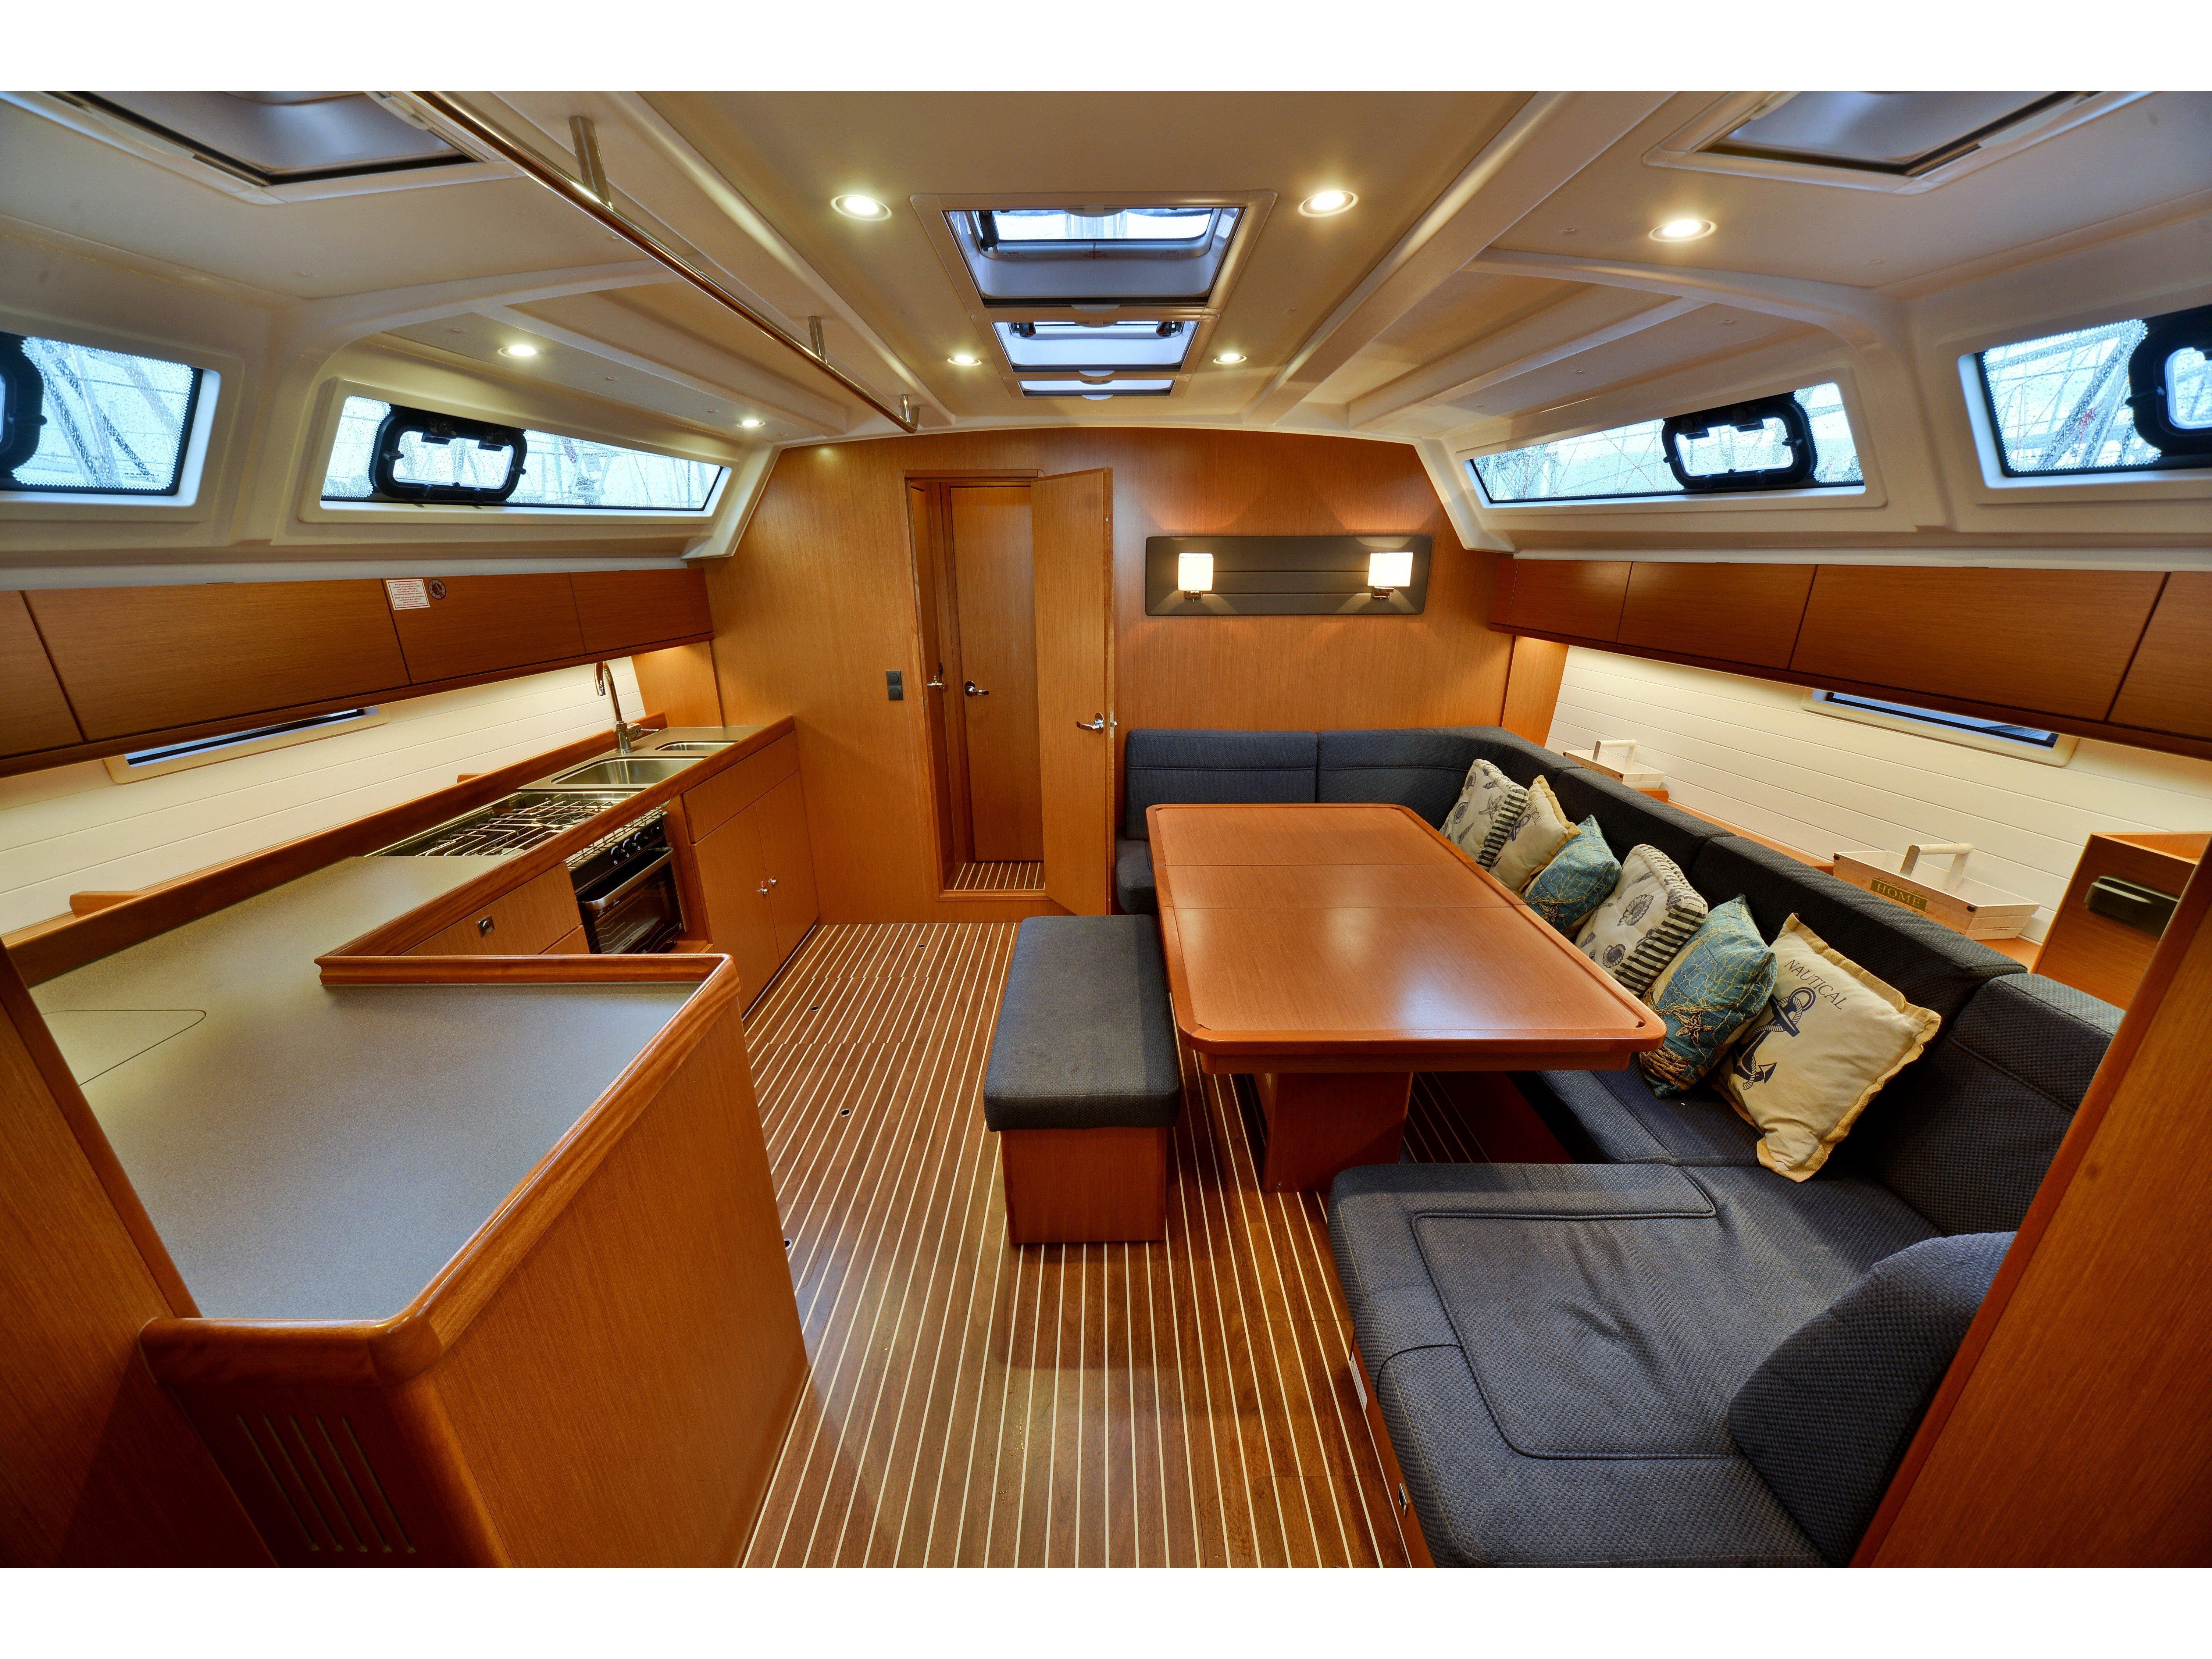 Bavaria Cruiser 46 (Veronica ) Interior image - 1